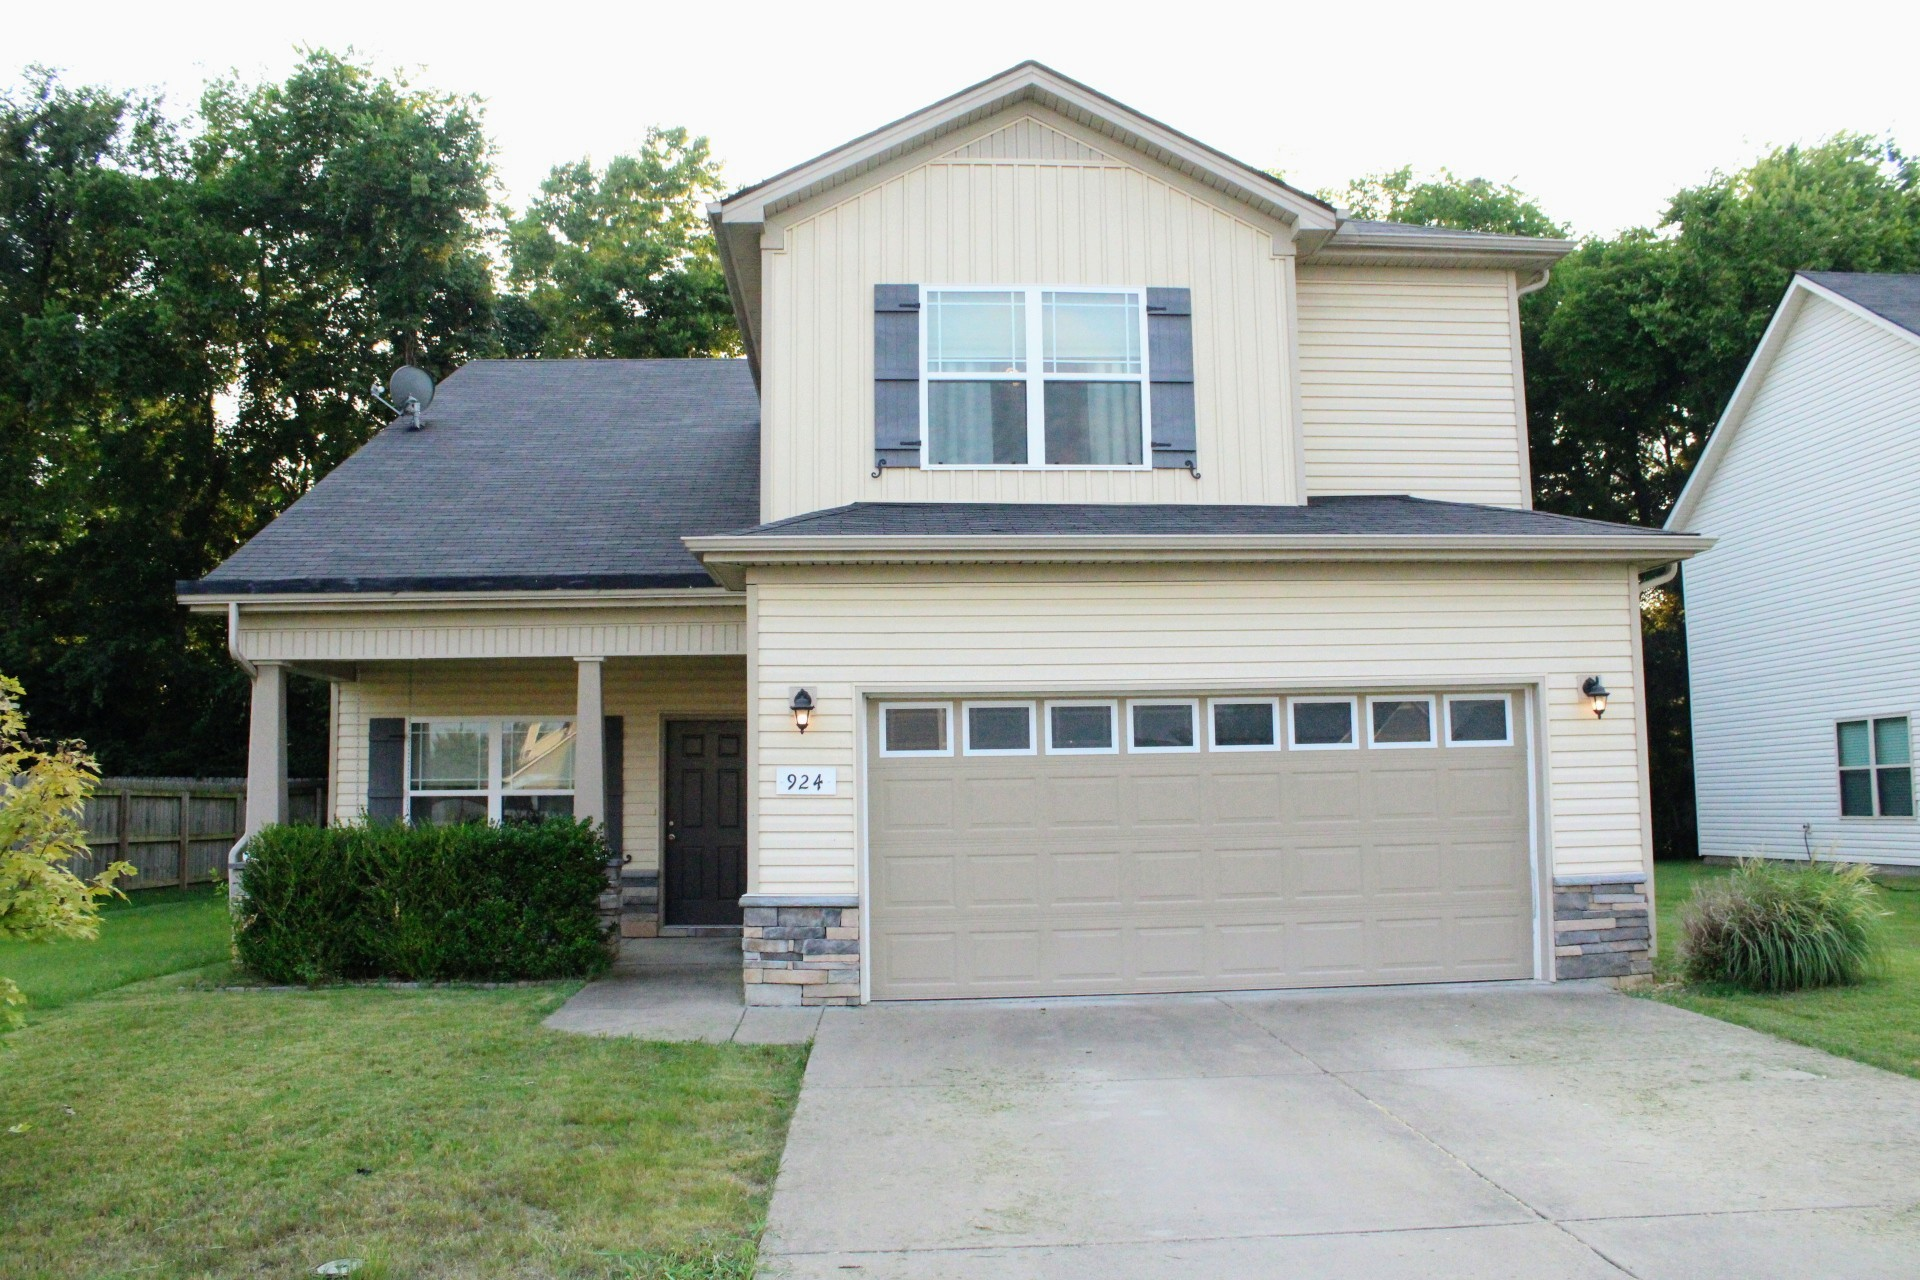 Belmont Sec 4 Ph 2 Real Estate Listings Main Image